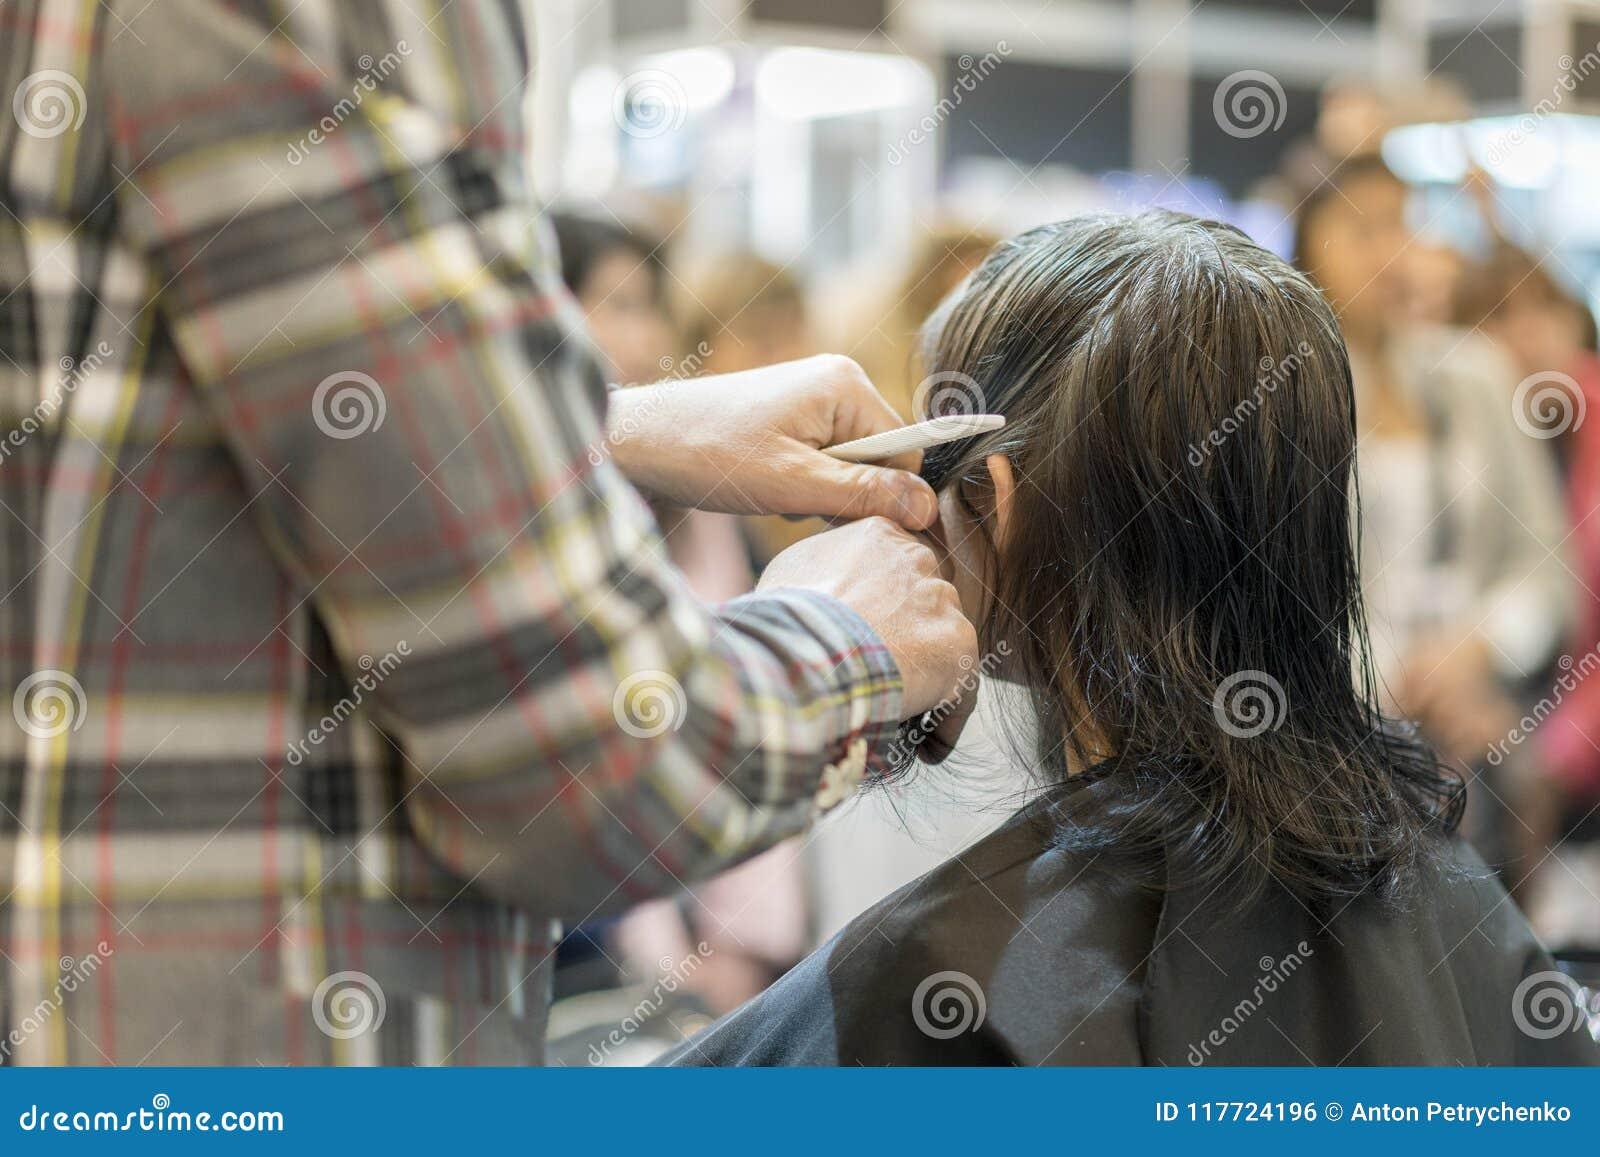 Barbershop Zakończenie mężczyzna ostrzyżenie, mistrz robi włosianemu tytułowaniu w fryzjera męskiego sklepie